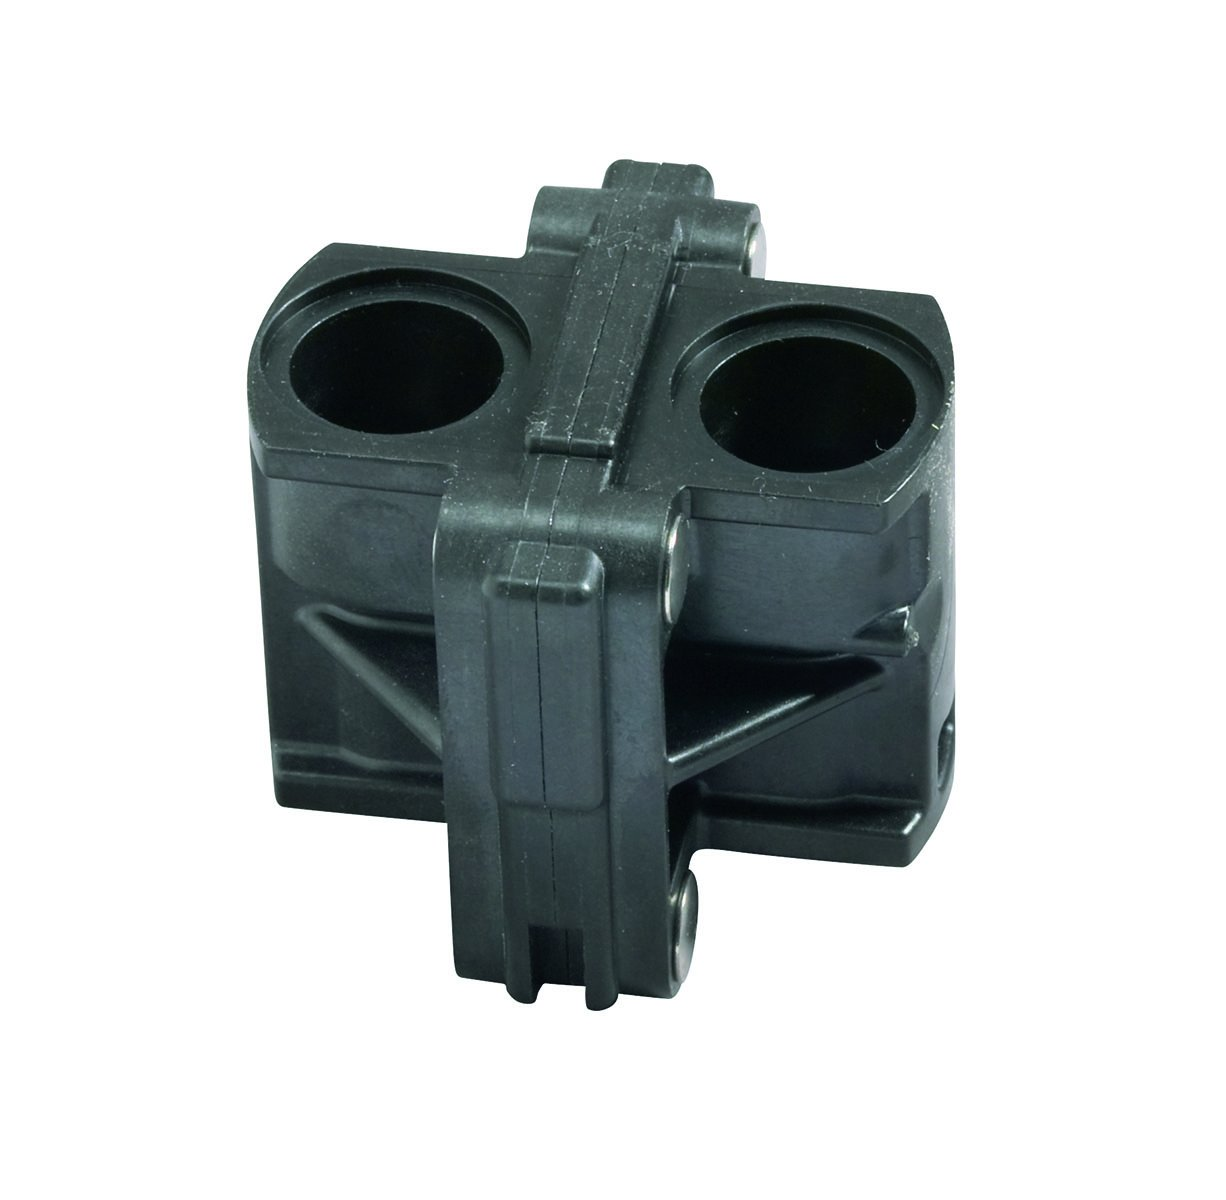 KOHLER GENUINE PART GP500520 CARTRIDGE FOR PRESSURE BALANCING UNIT (SHOWER)